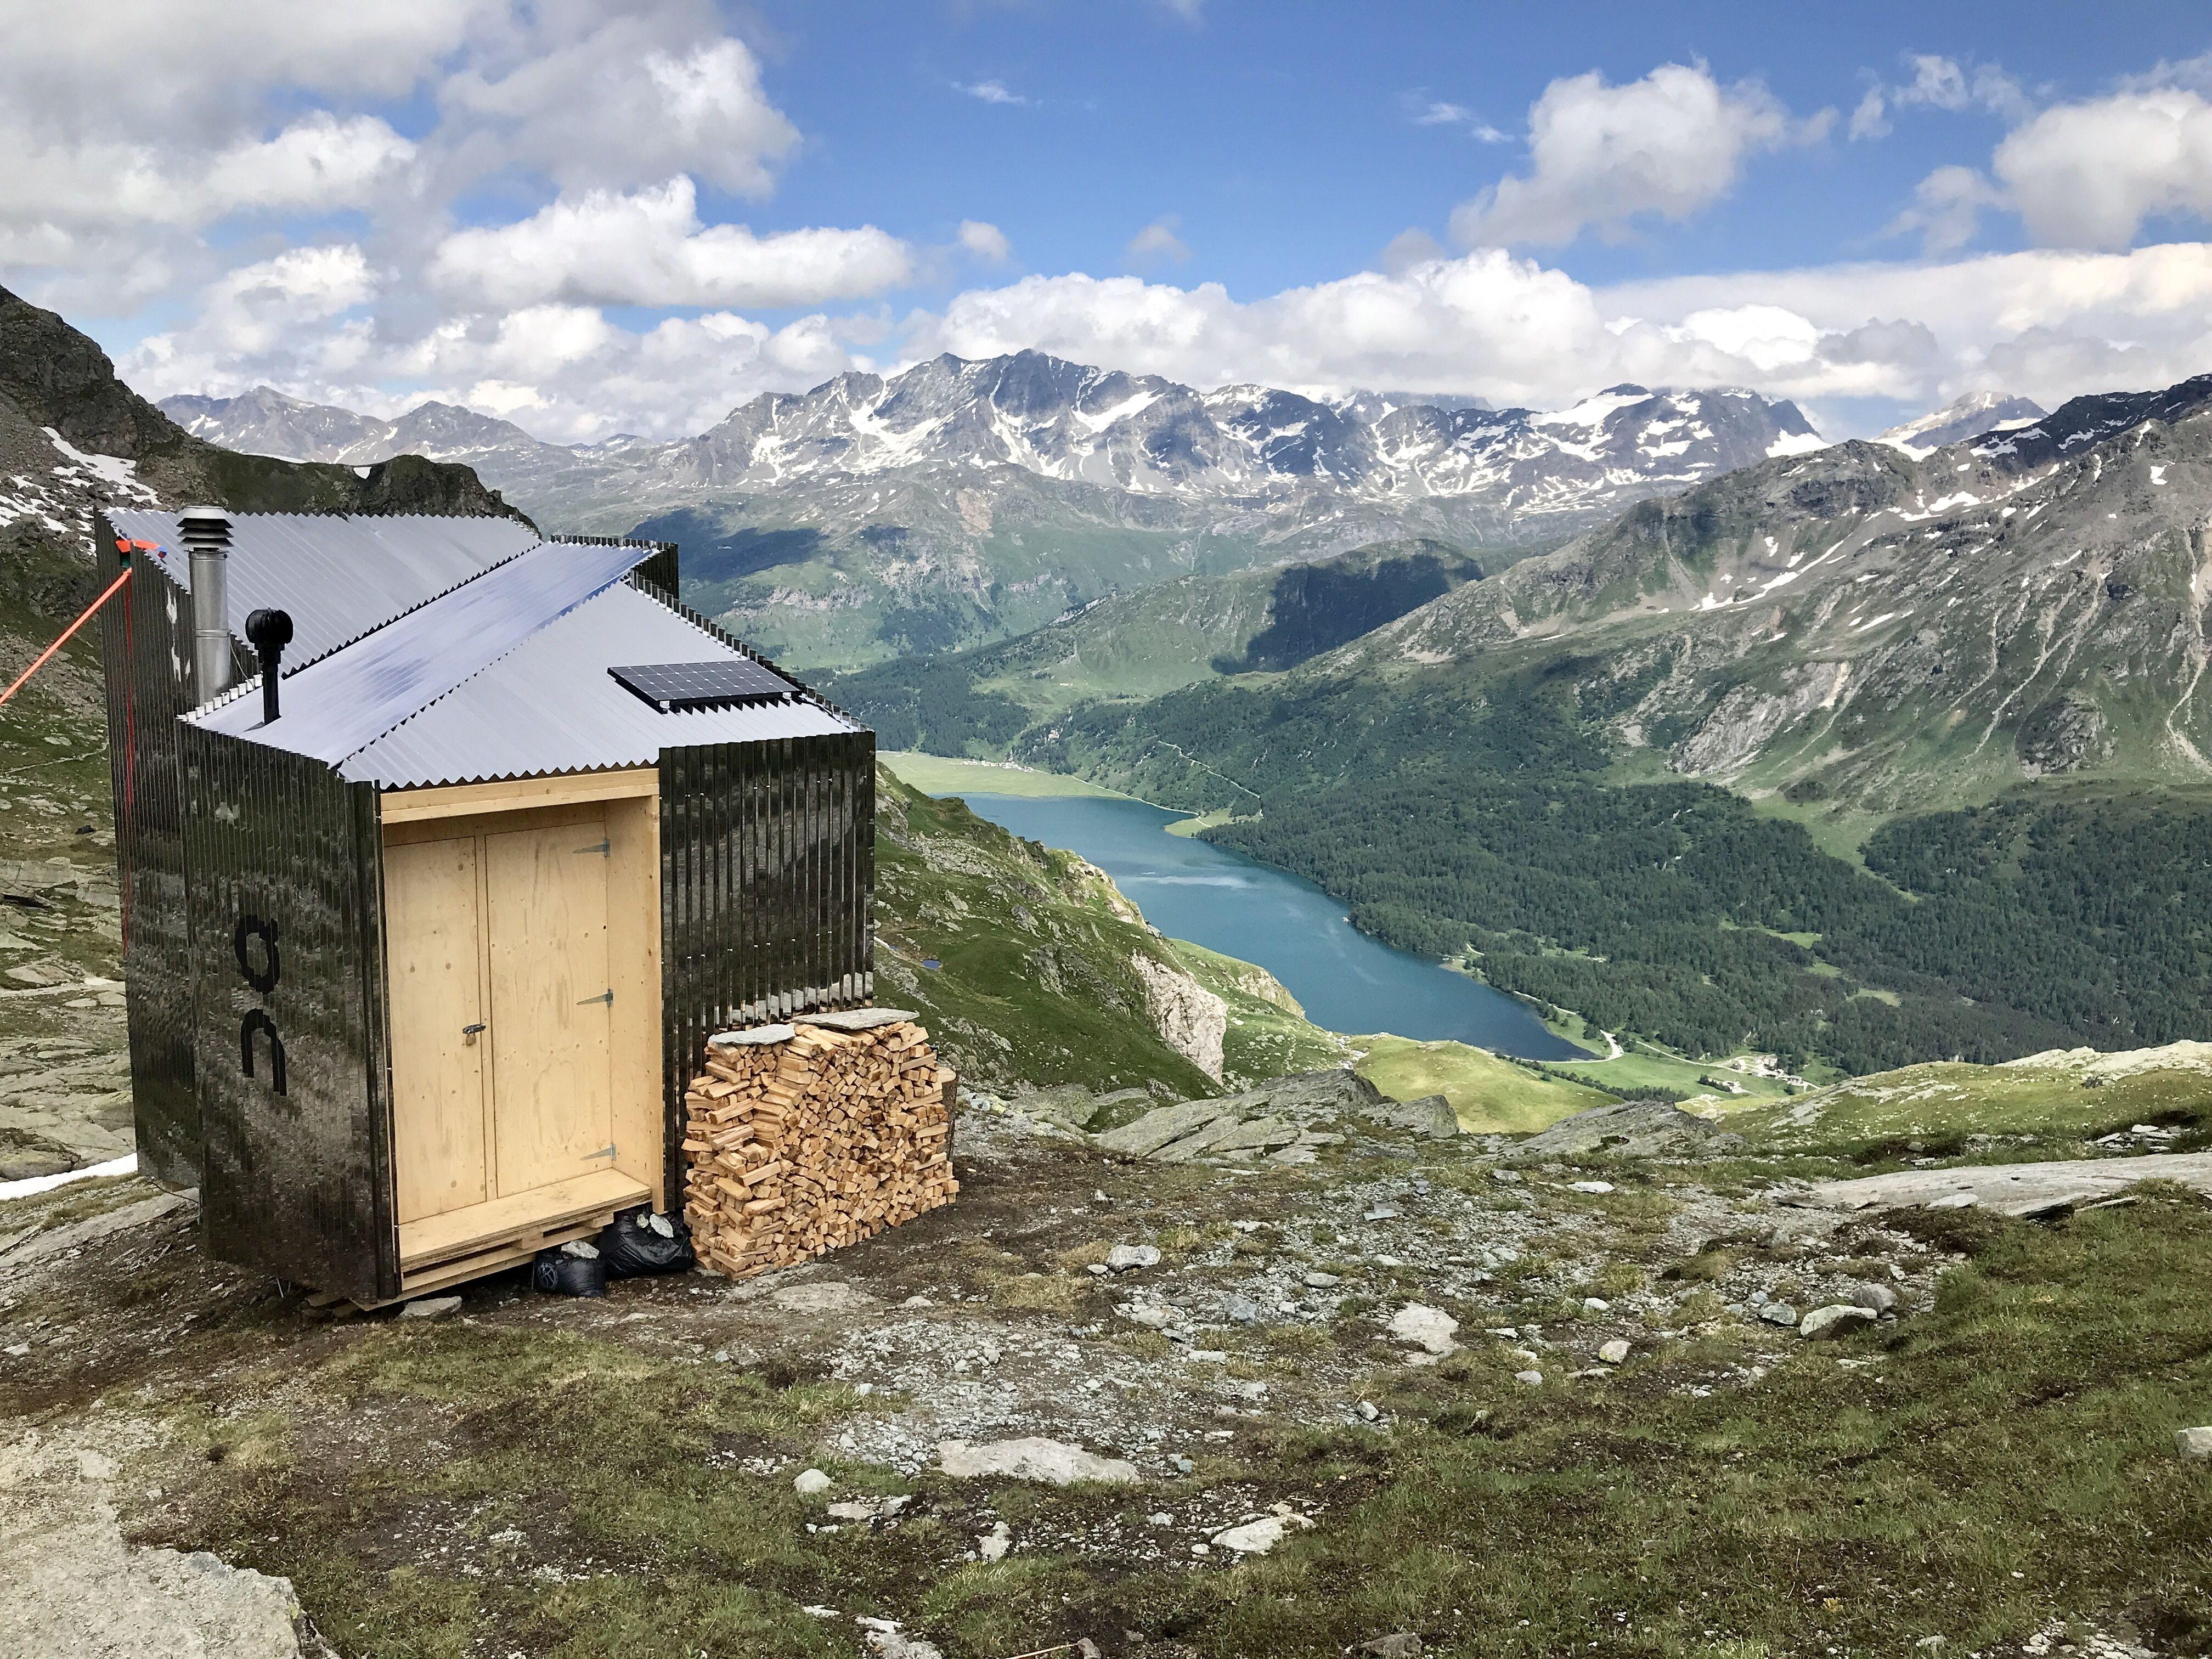 On Mountain Hut Slide 1